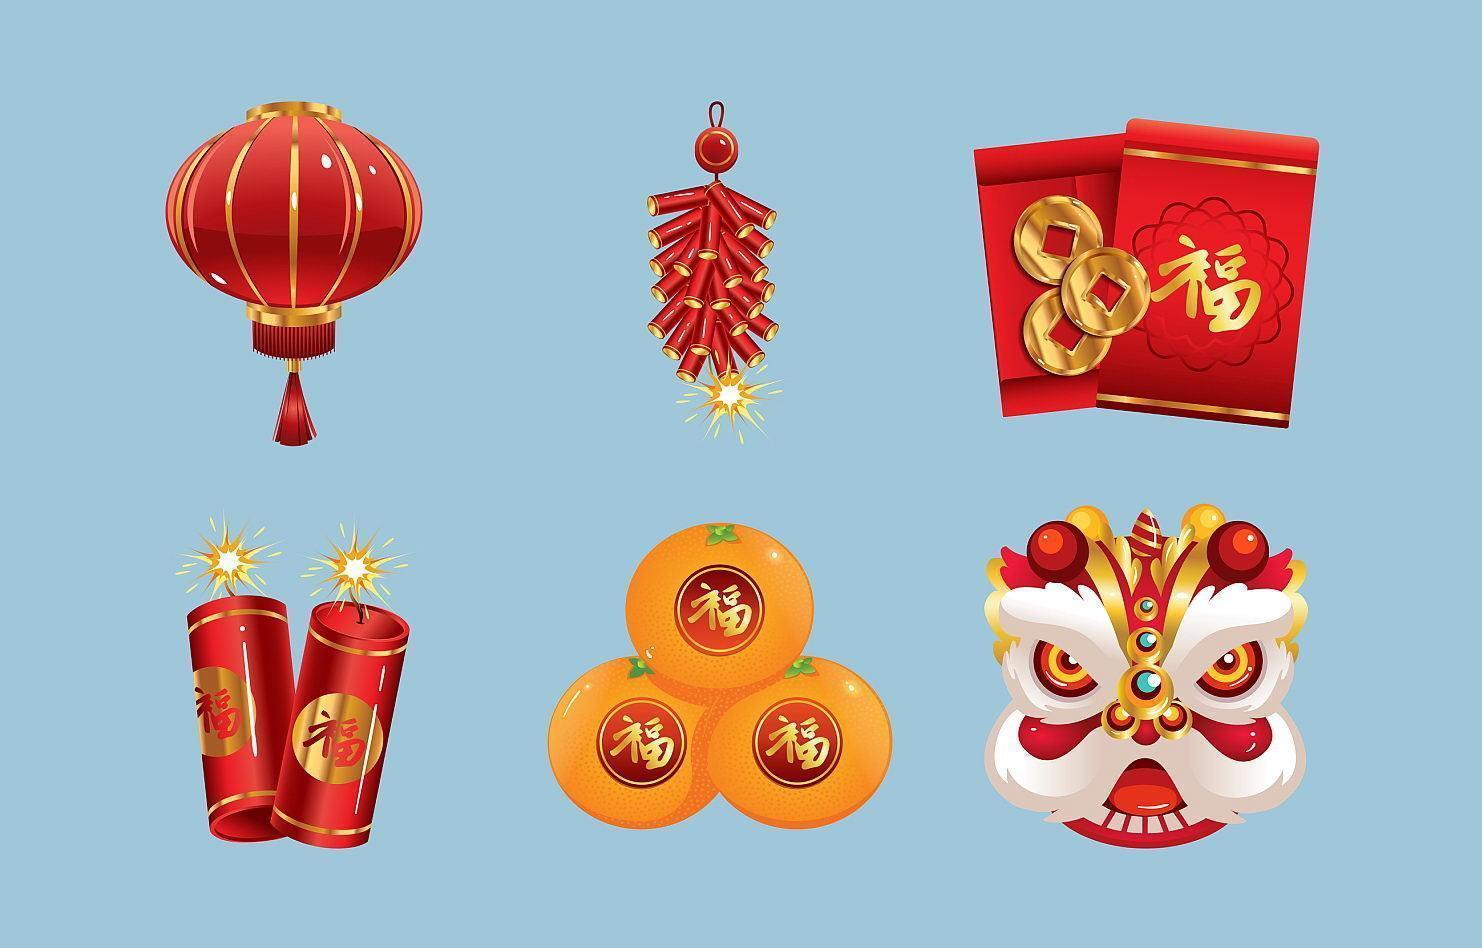 icona di festività del capodanno cinese vettore